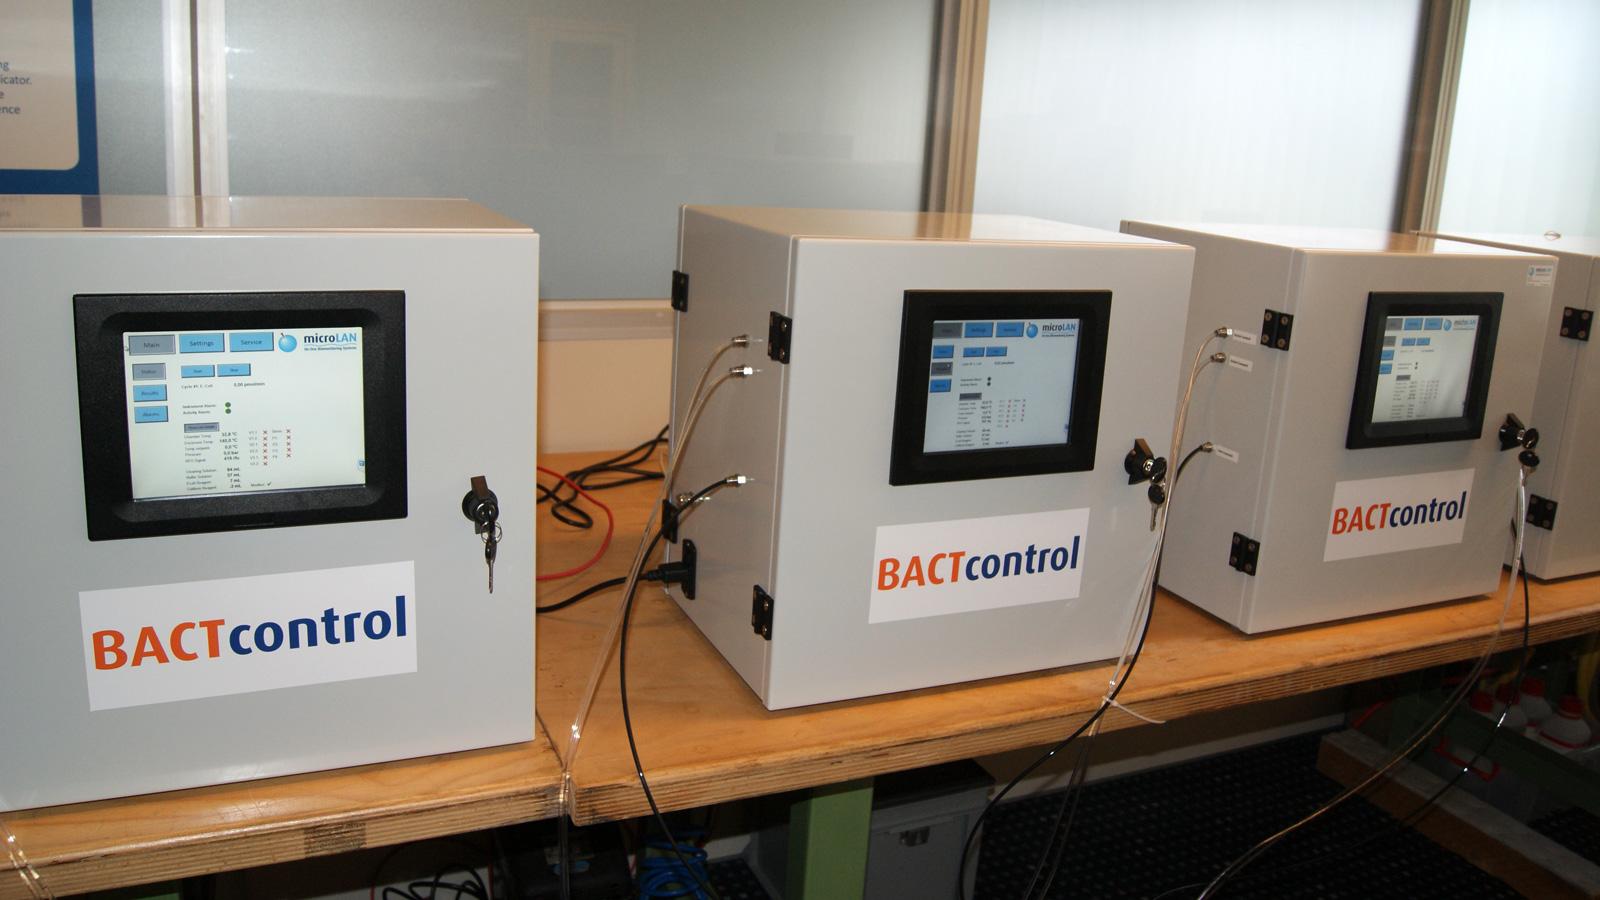 Solución BACTcontrol para monitorizar Escherichia Coli en línea